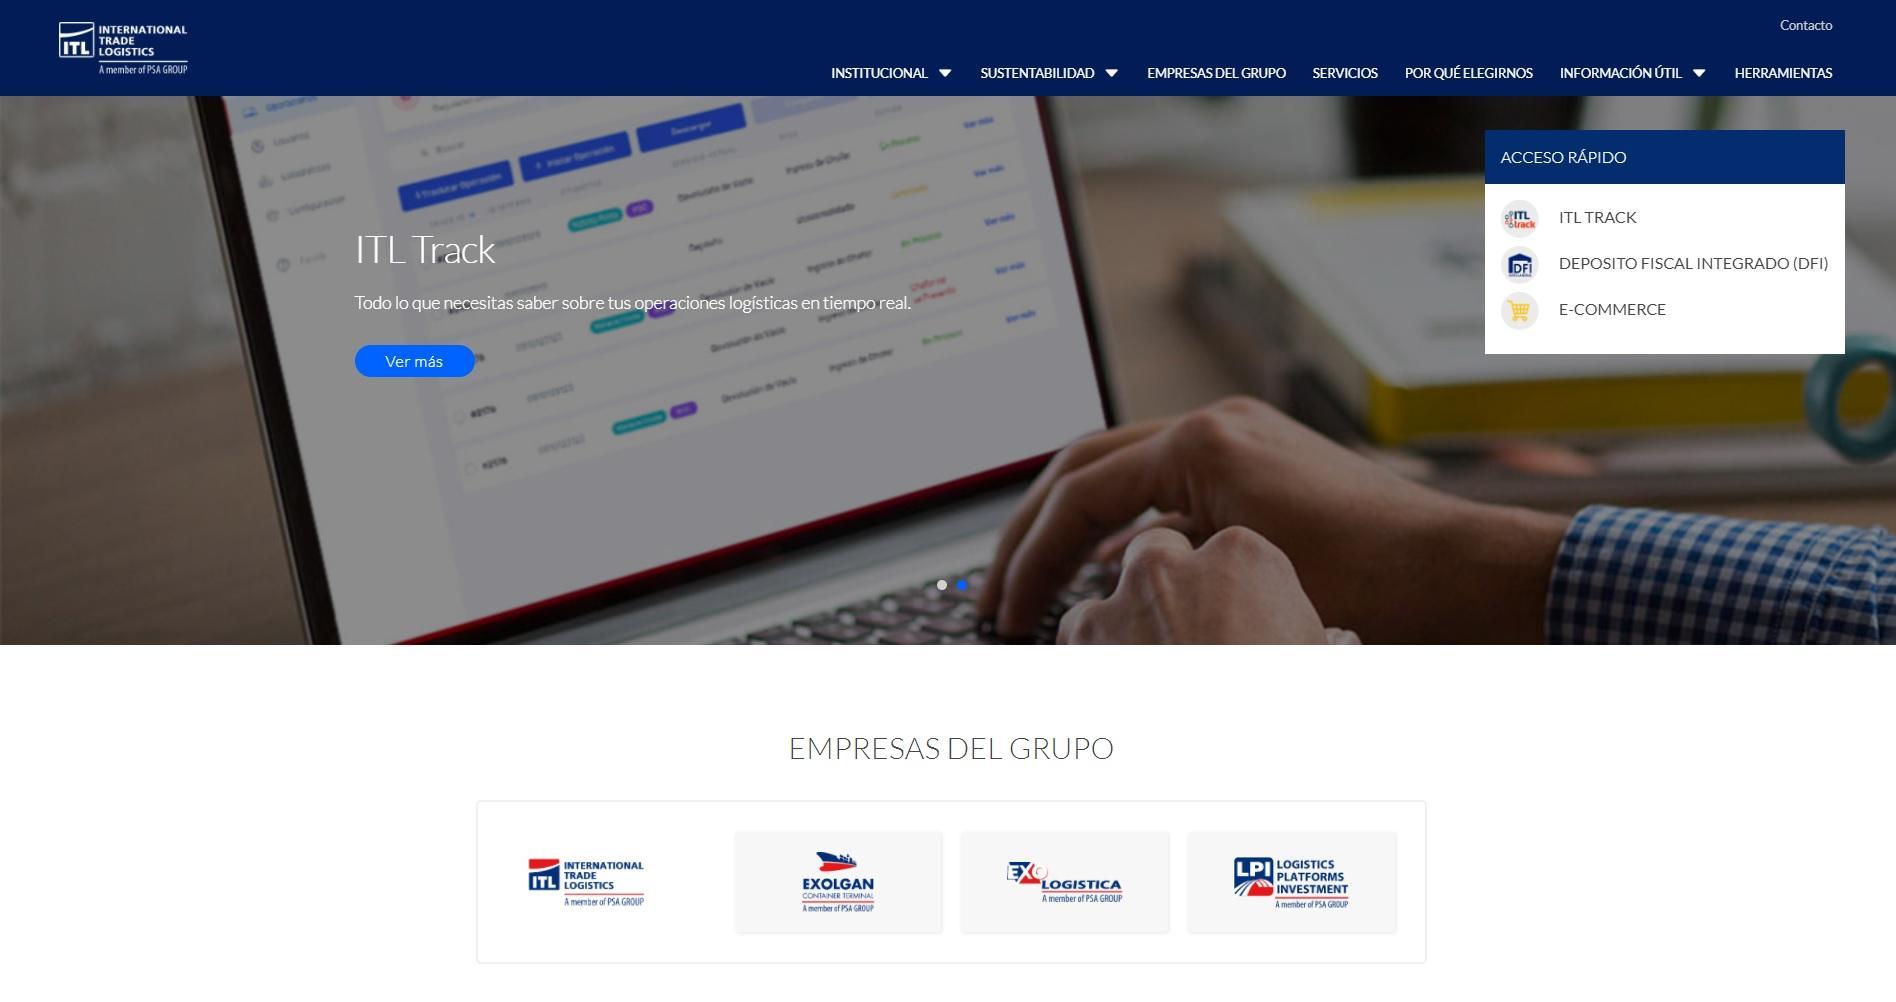 El Grupo ITL renueva su propuesta de interacción digital con una nueva página web